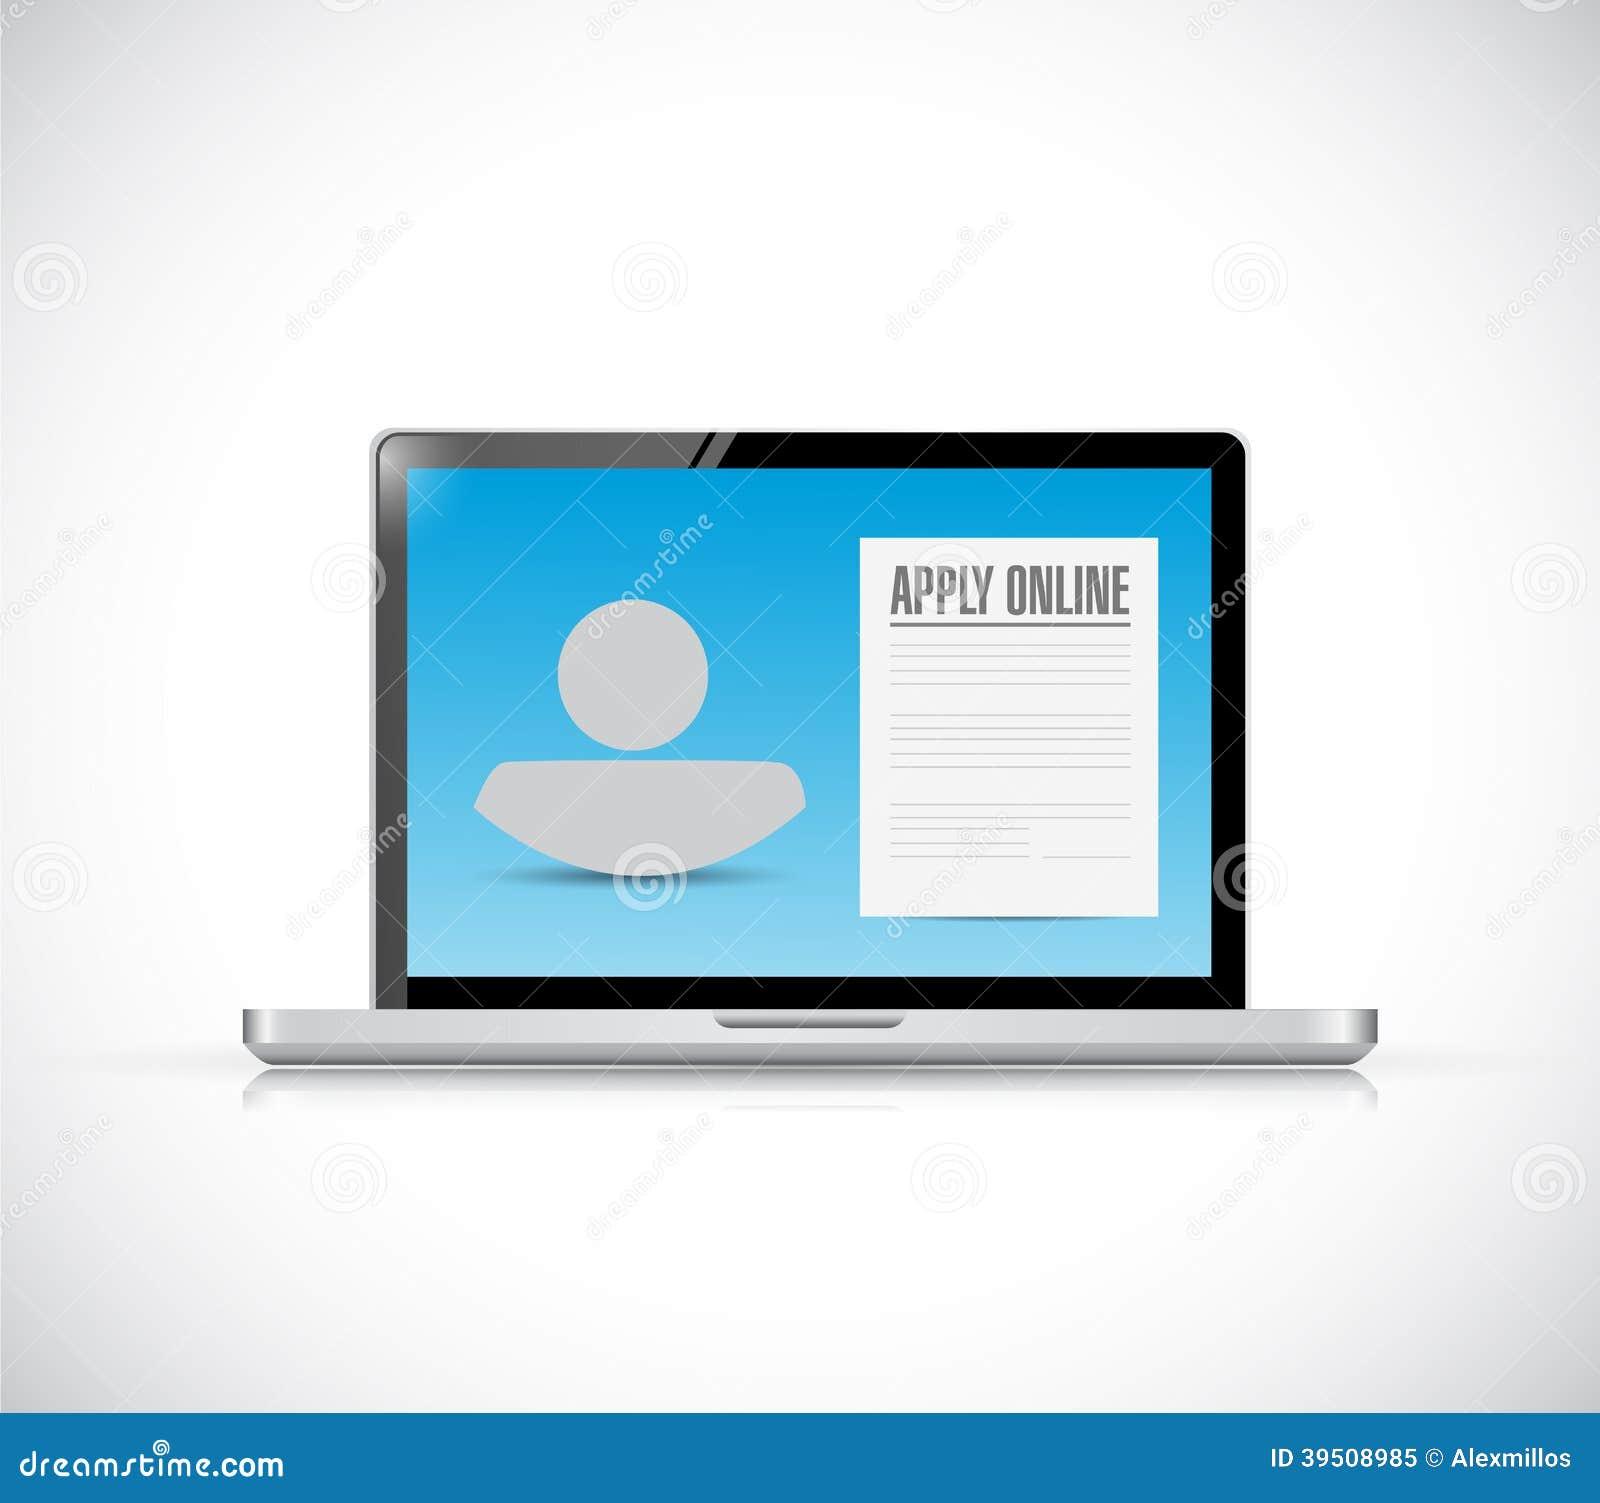 Apply online computer concept. illustration design